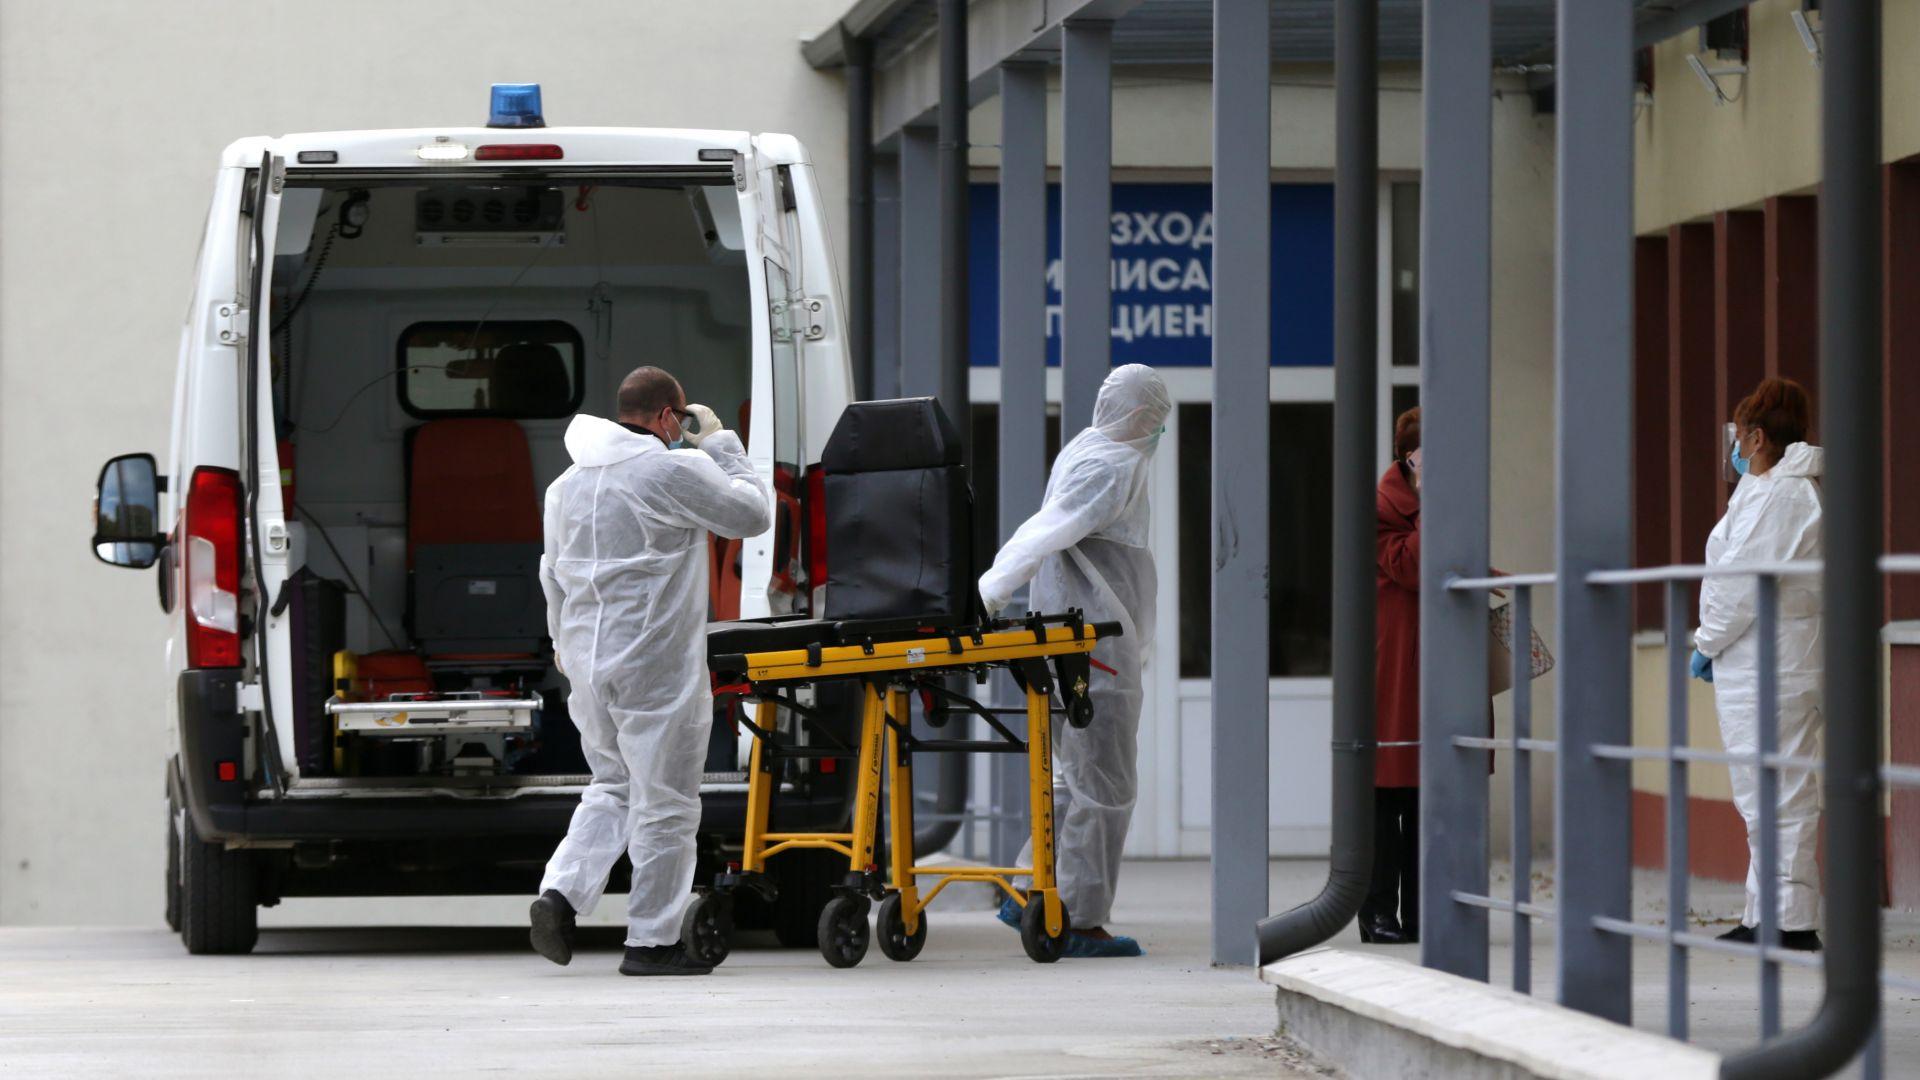 В търсене на болница: Дъщерята на починал с COVID-19 ще съди държавата